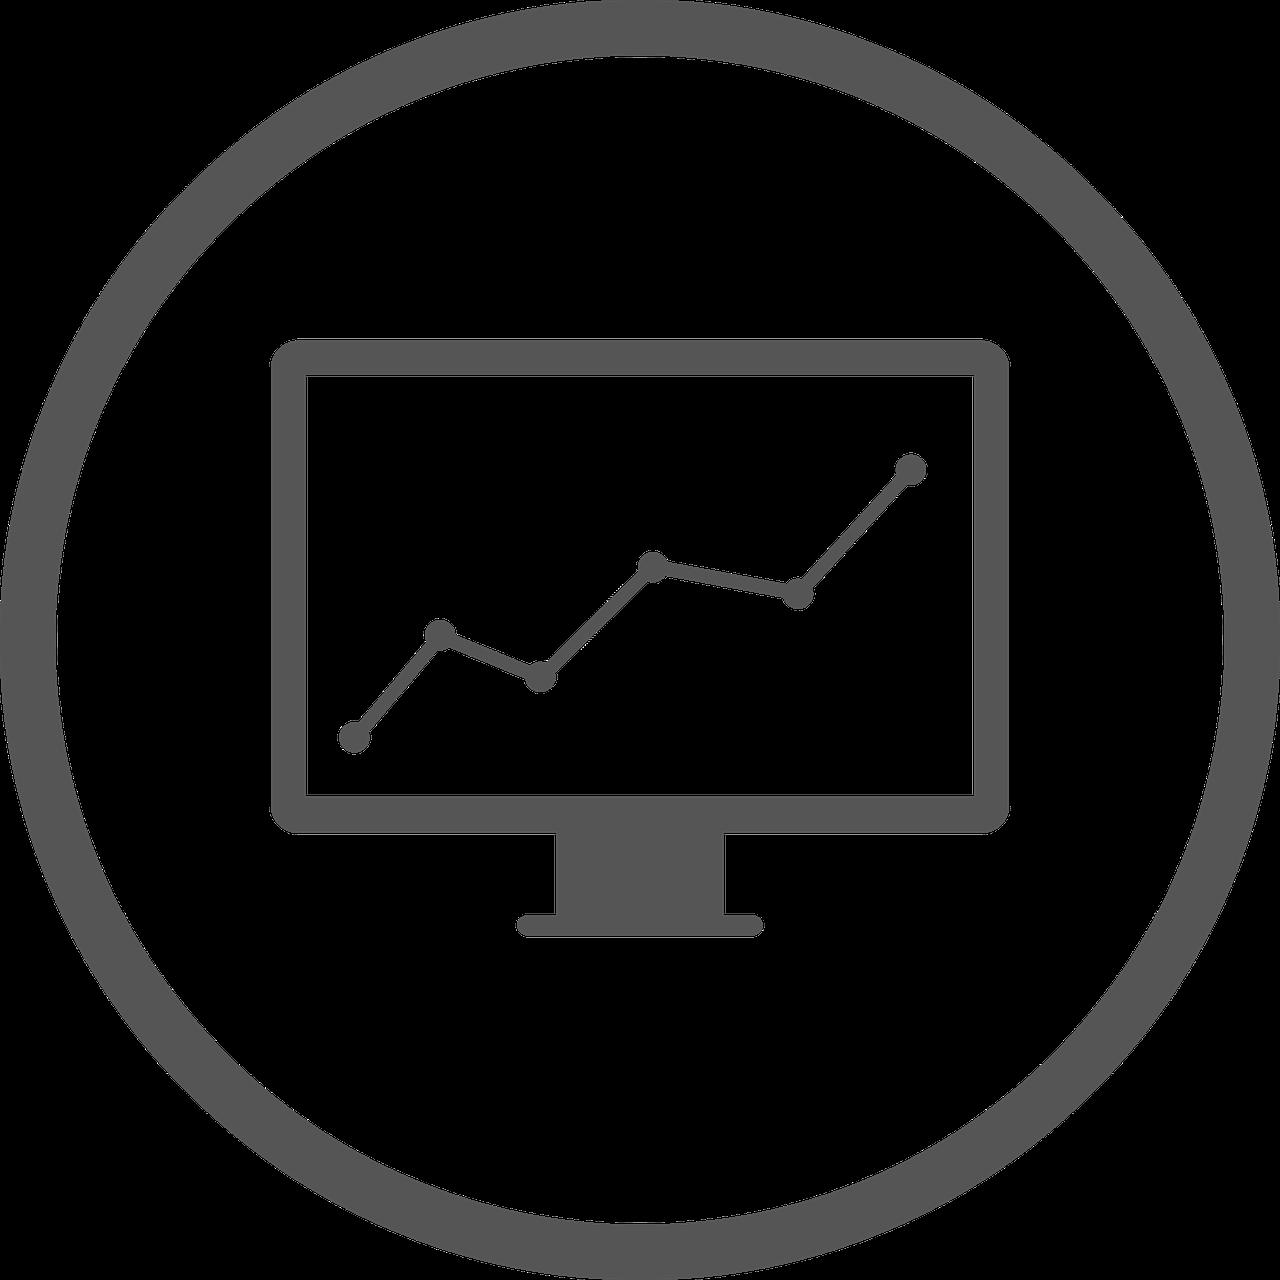 logo ws optimalisatie